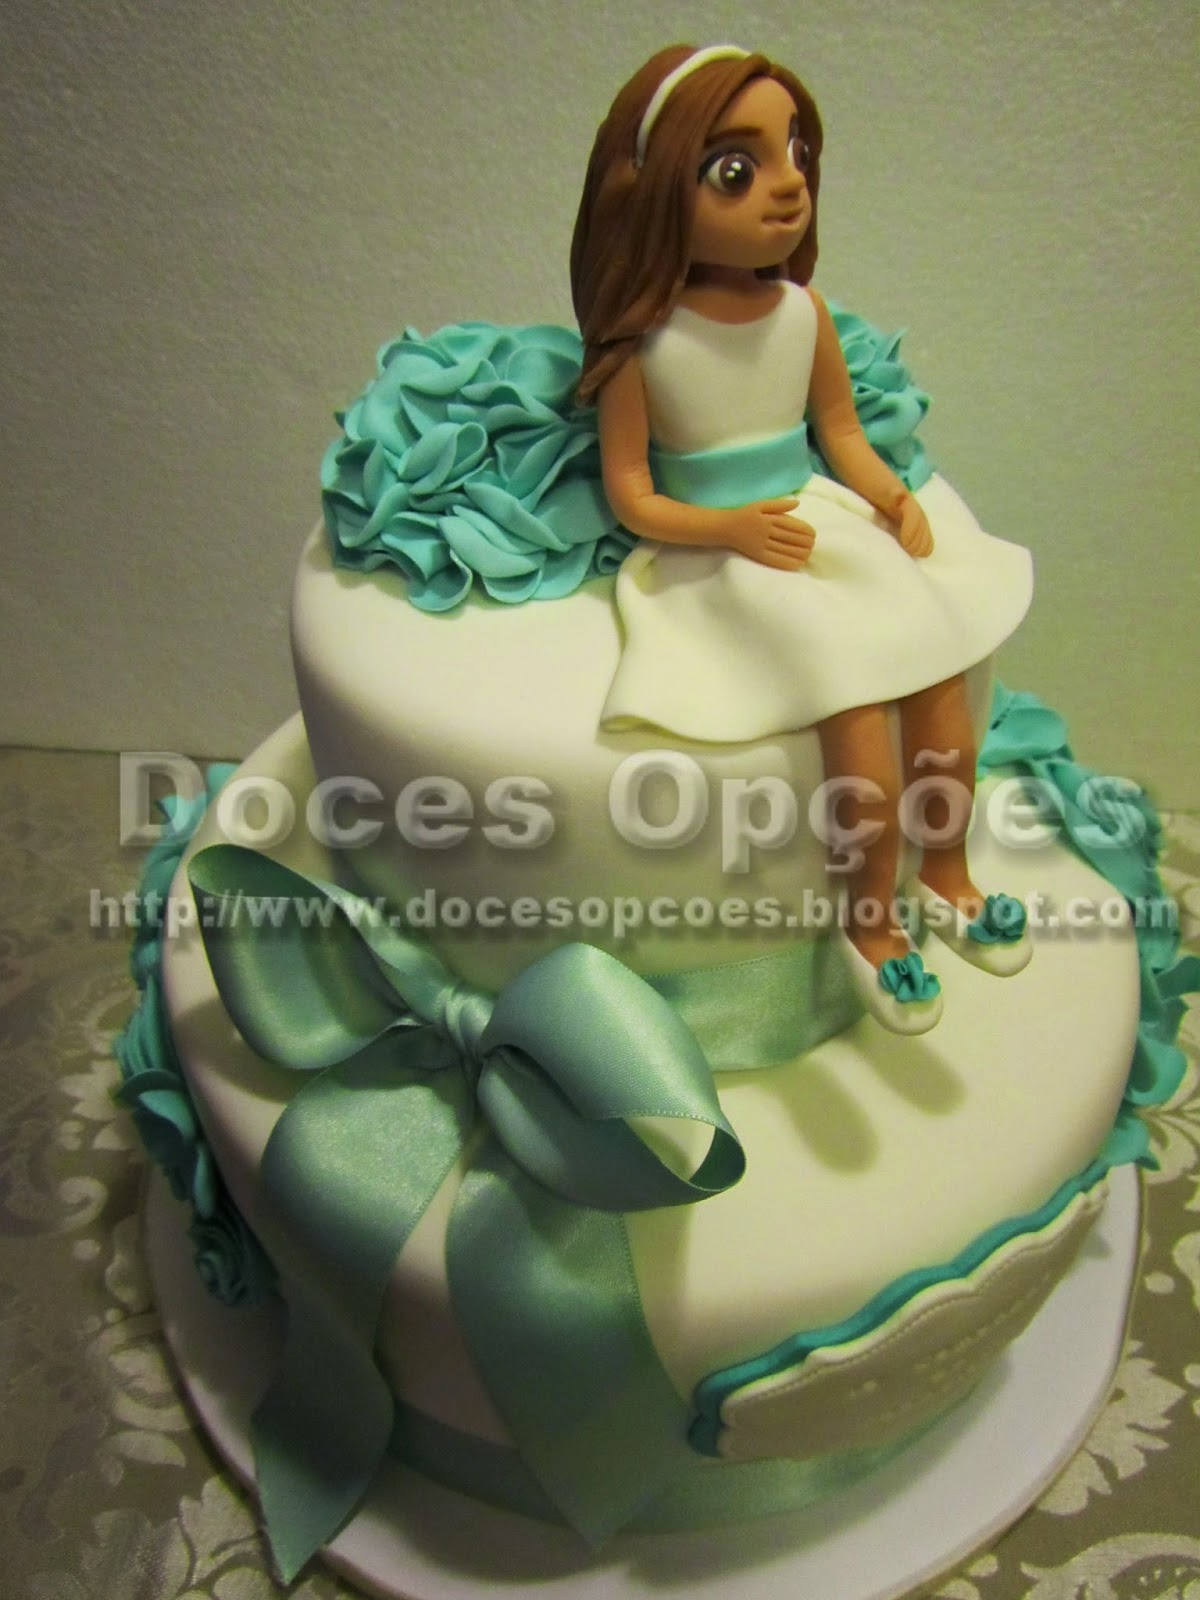 bolo comunhão cake design bragança